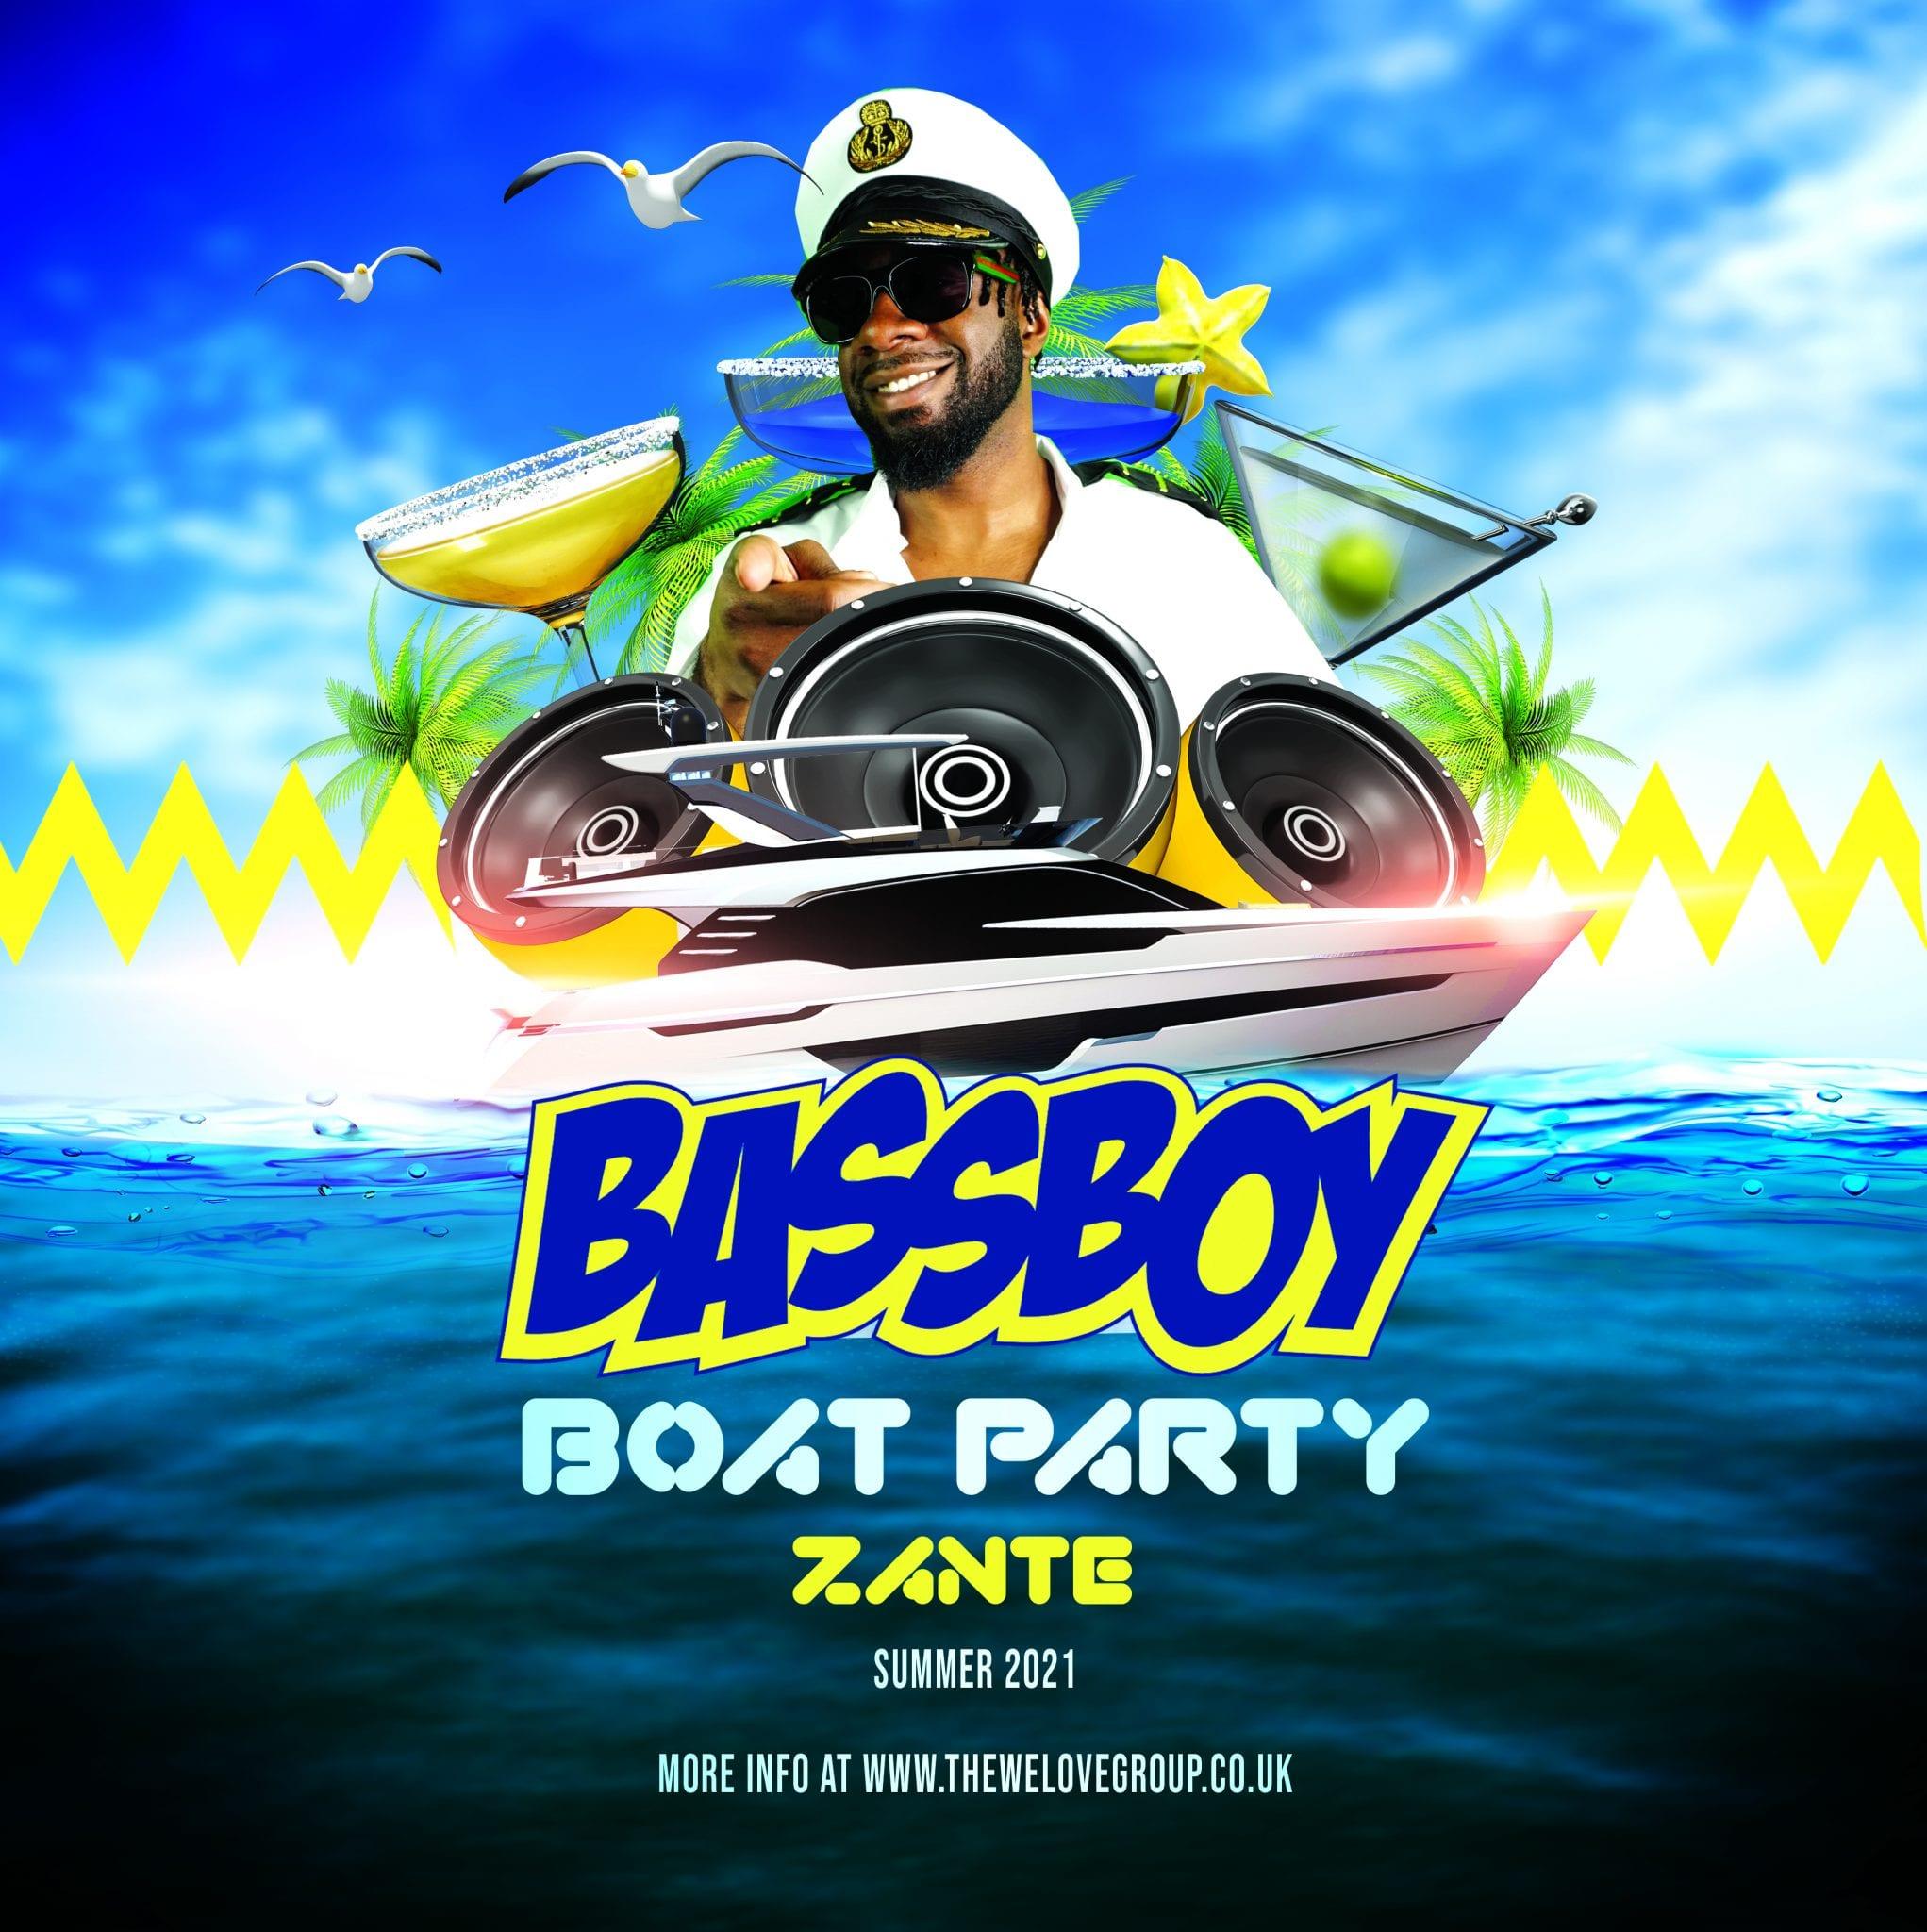 Bassboy Boat Party Zante